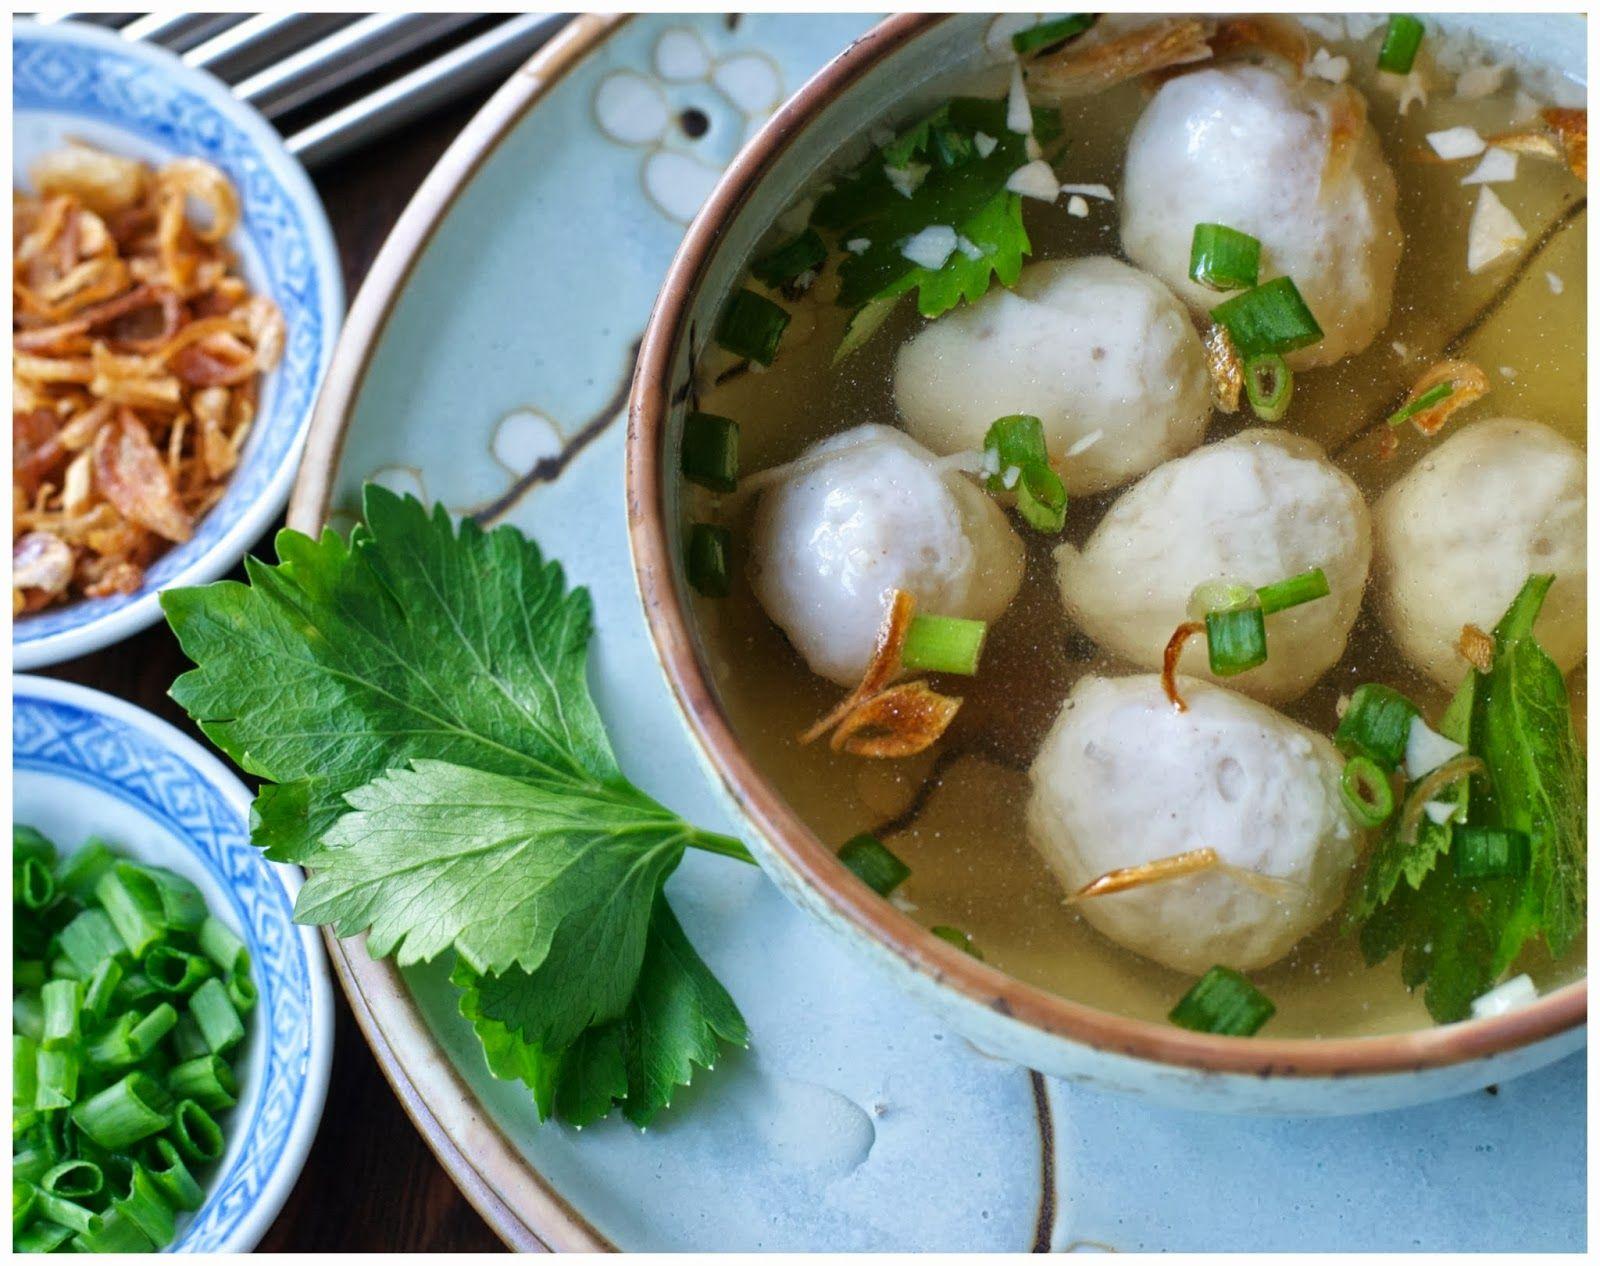 Indonesian Medan Food Membuat Bakso Ikan Kenyal Home Made Springy Fish Ball Indonesien